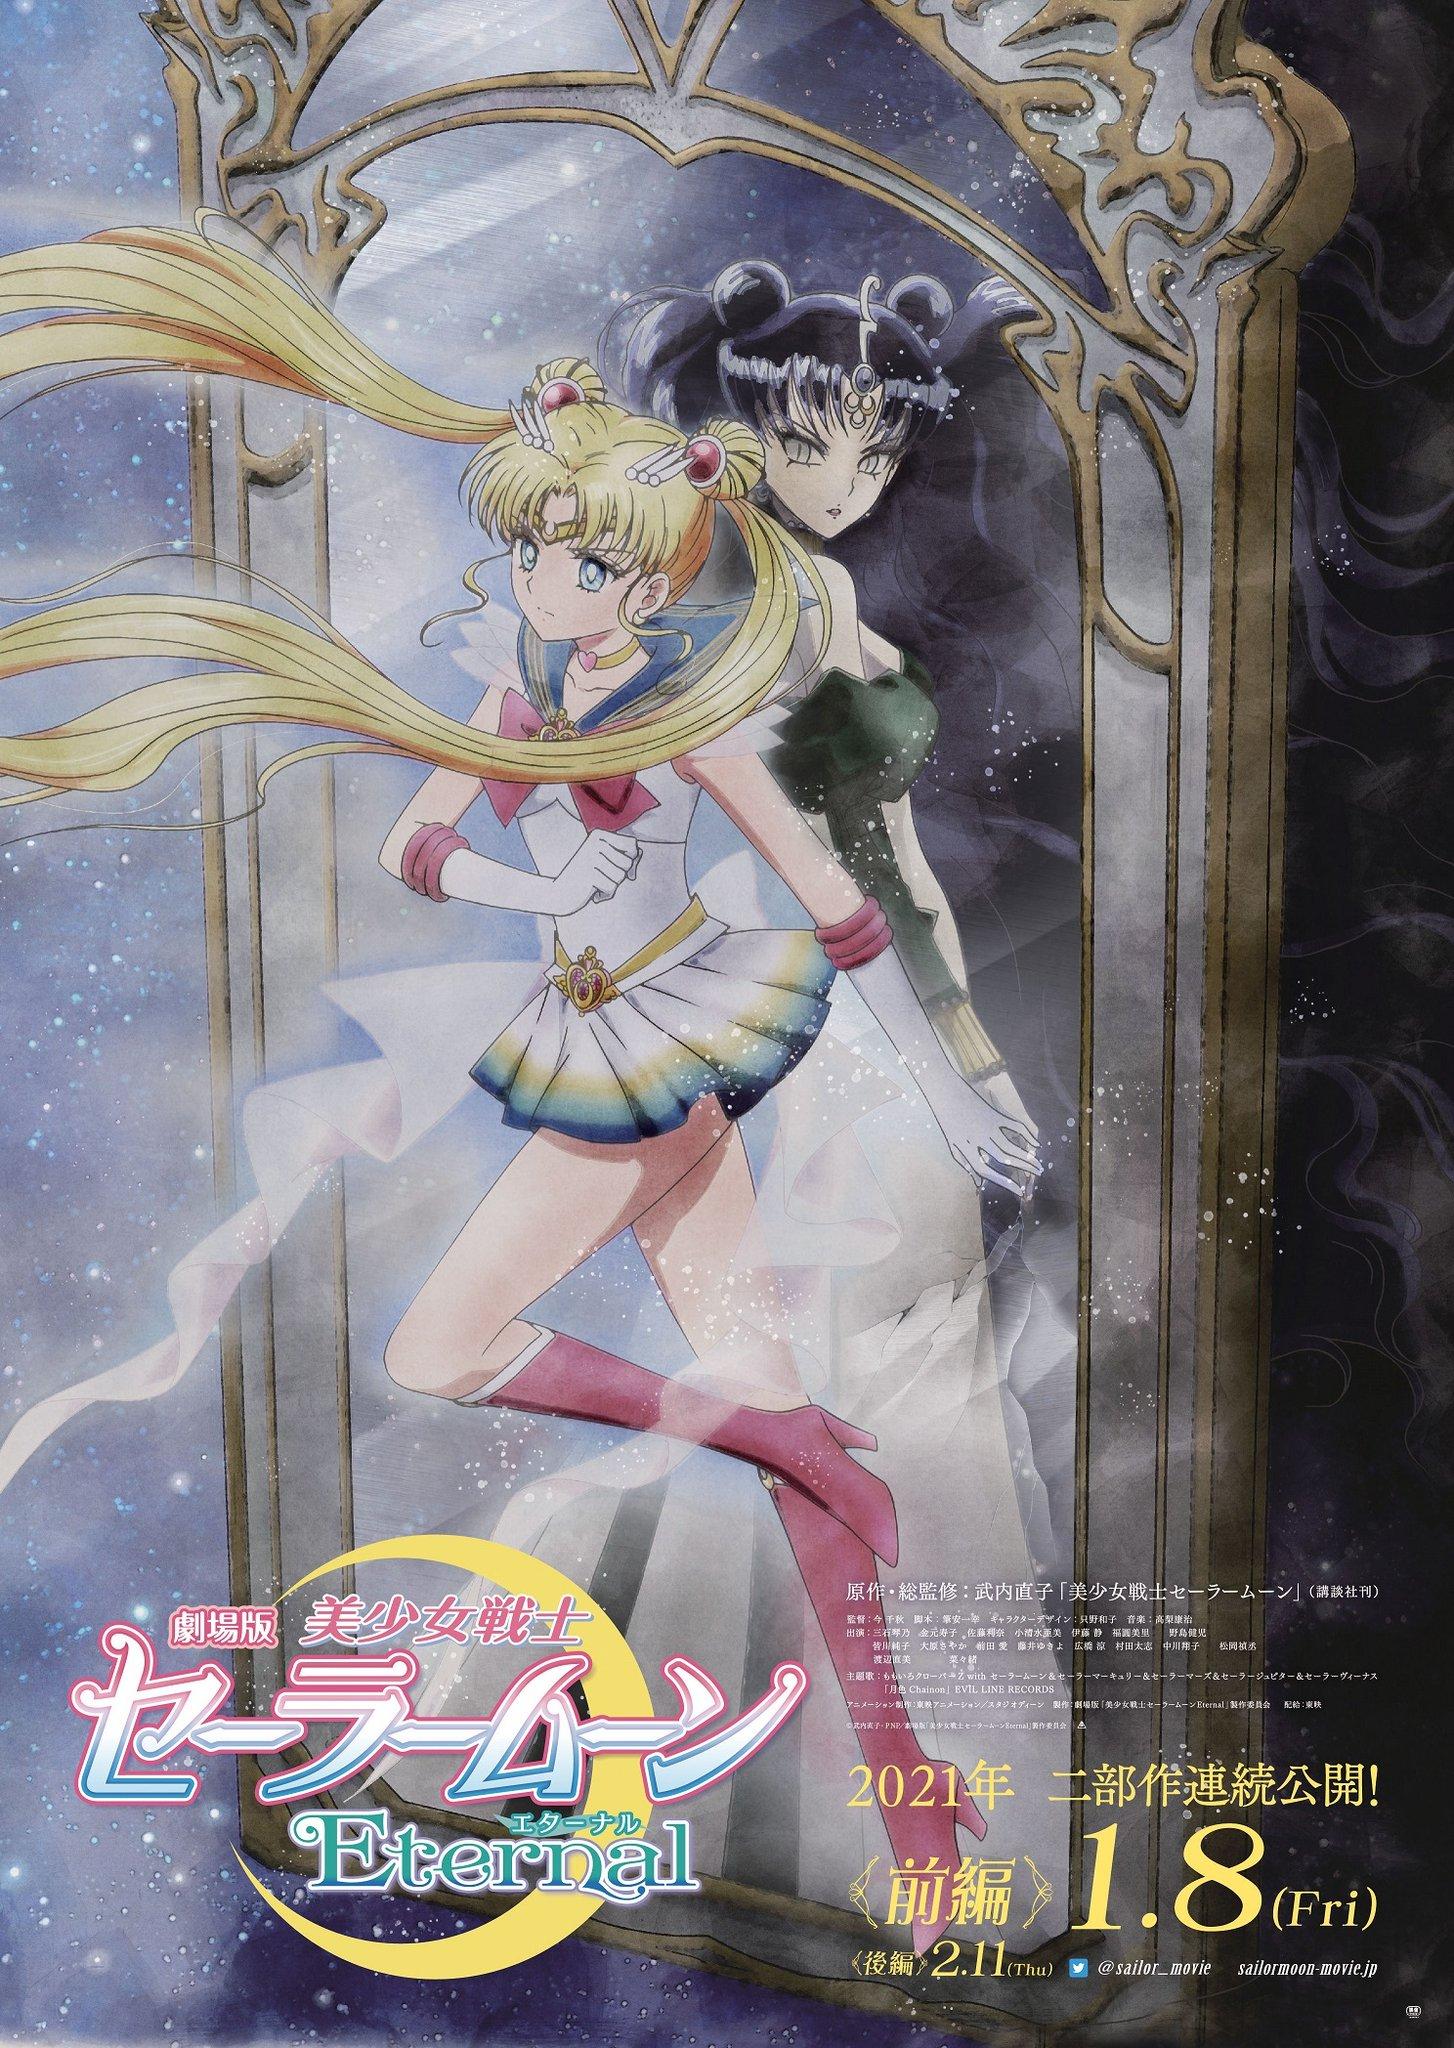 劇場版「美少女戦士セーラームーンEternal」前編第2弾ビジュアル解禁!スーパーセーラームーンとネヘレニアが対峙